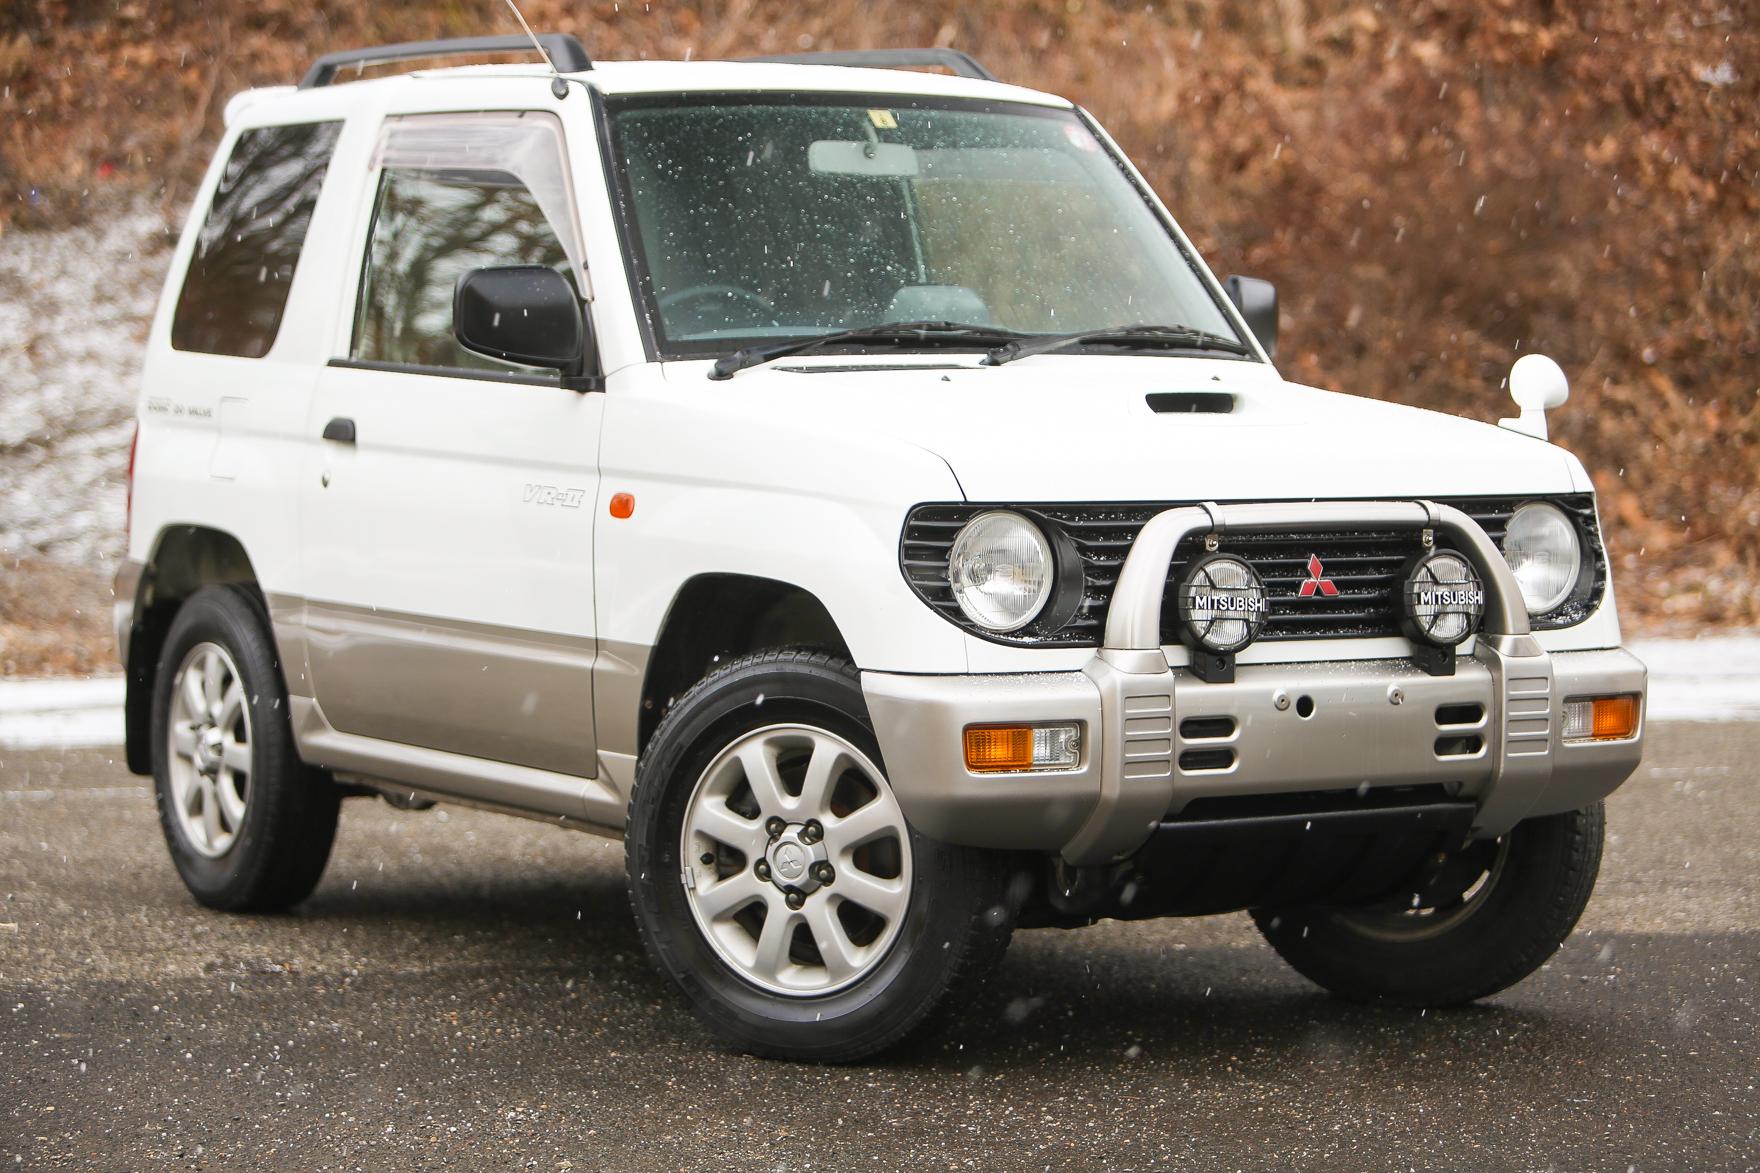 1996 Mitsubishi Pajero Mini Turbo - $8,995